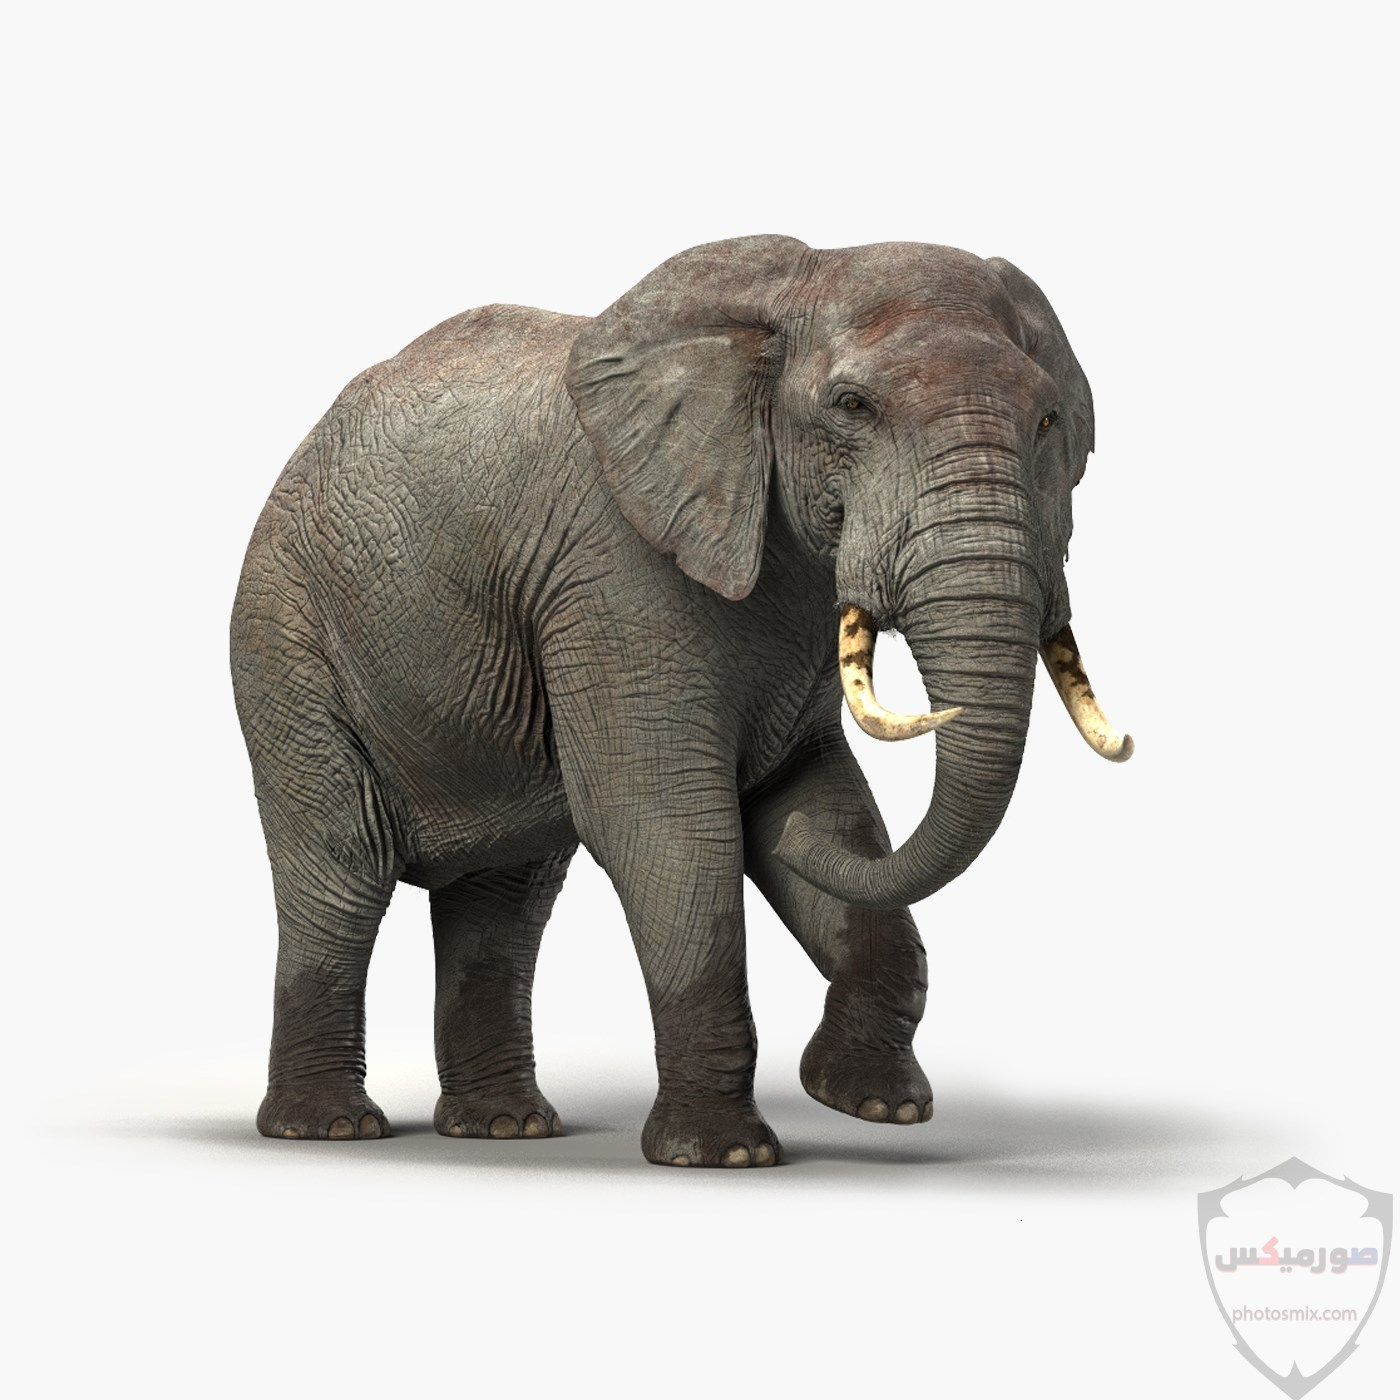 صور وخلفيات الفيل ومعلومات كاملة عن الفيل 30 1